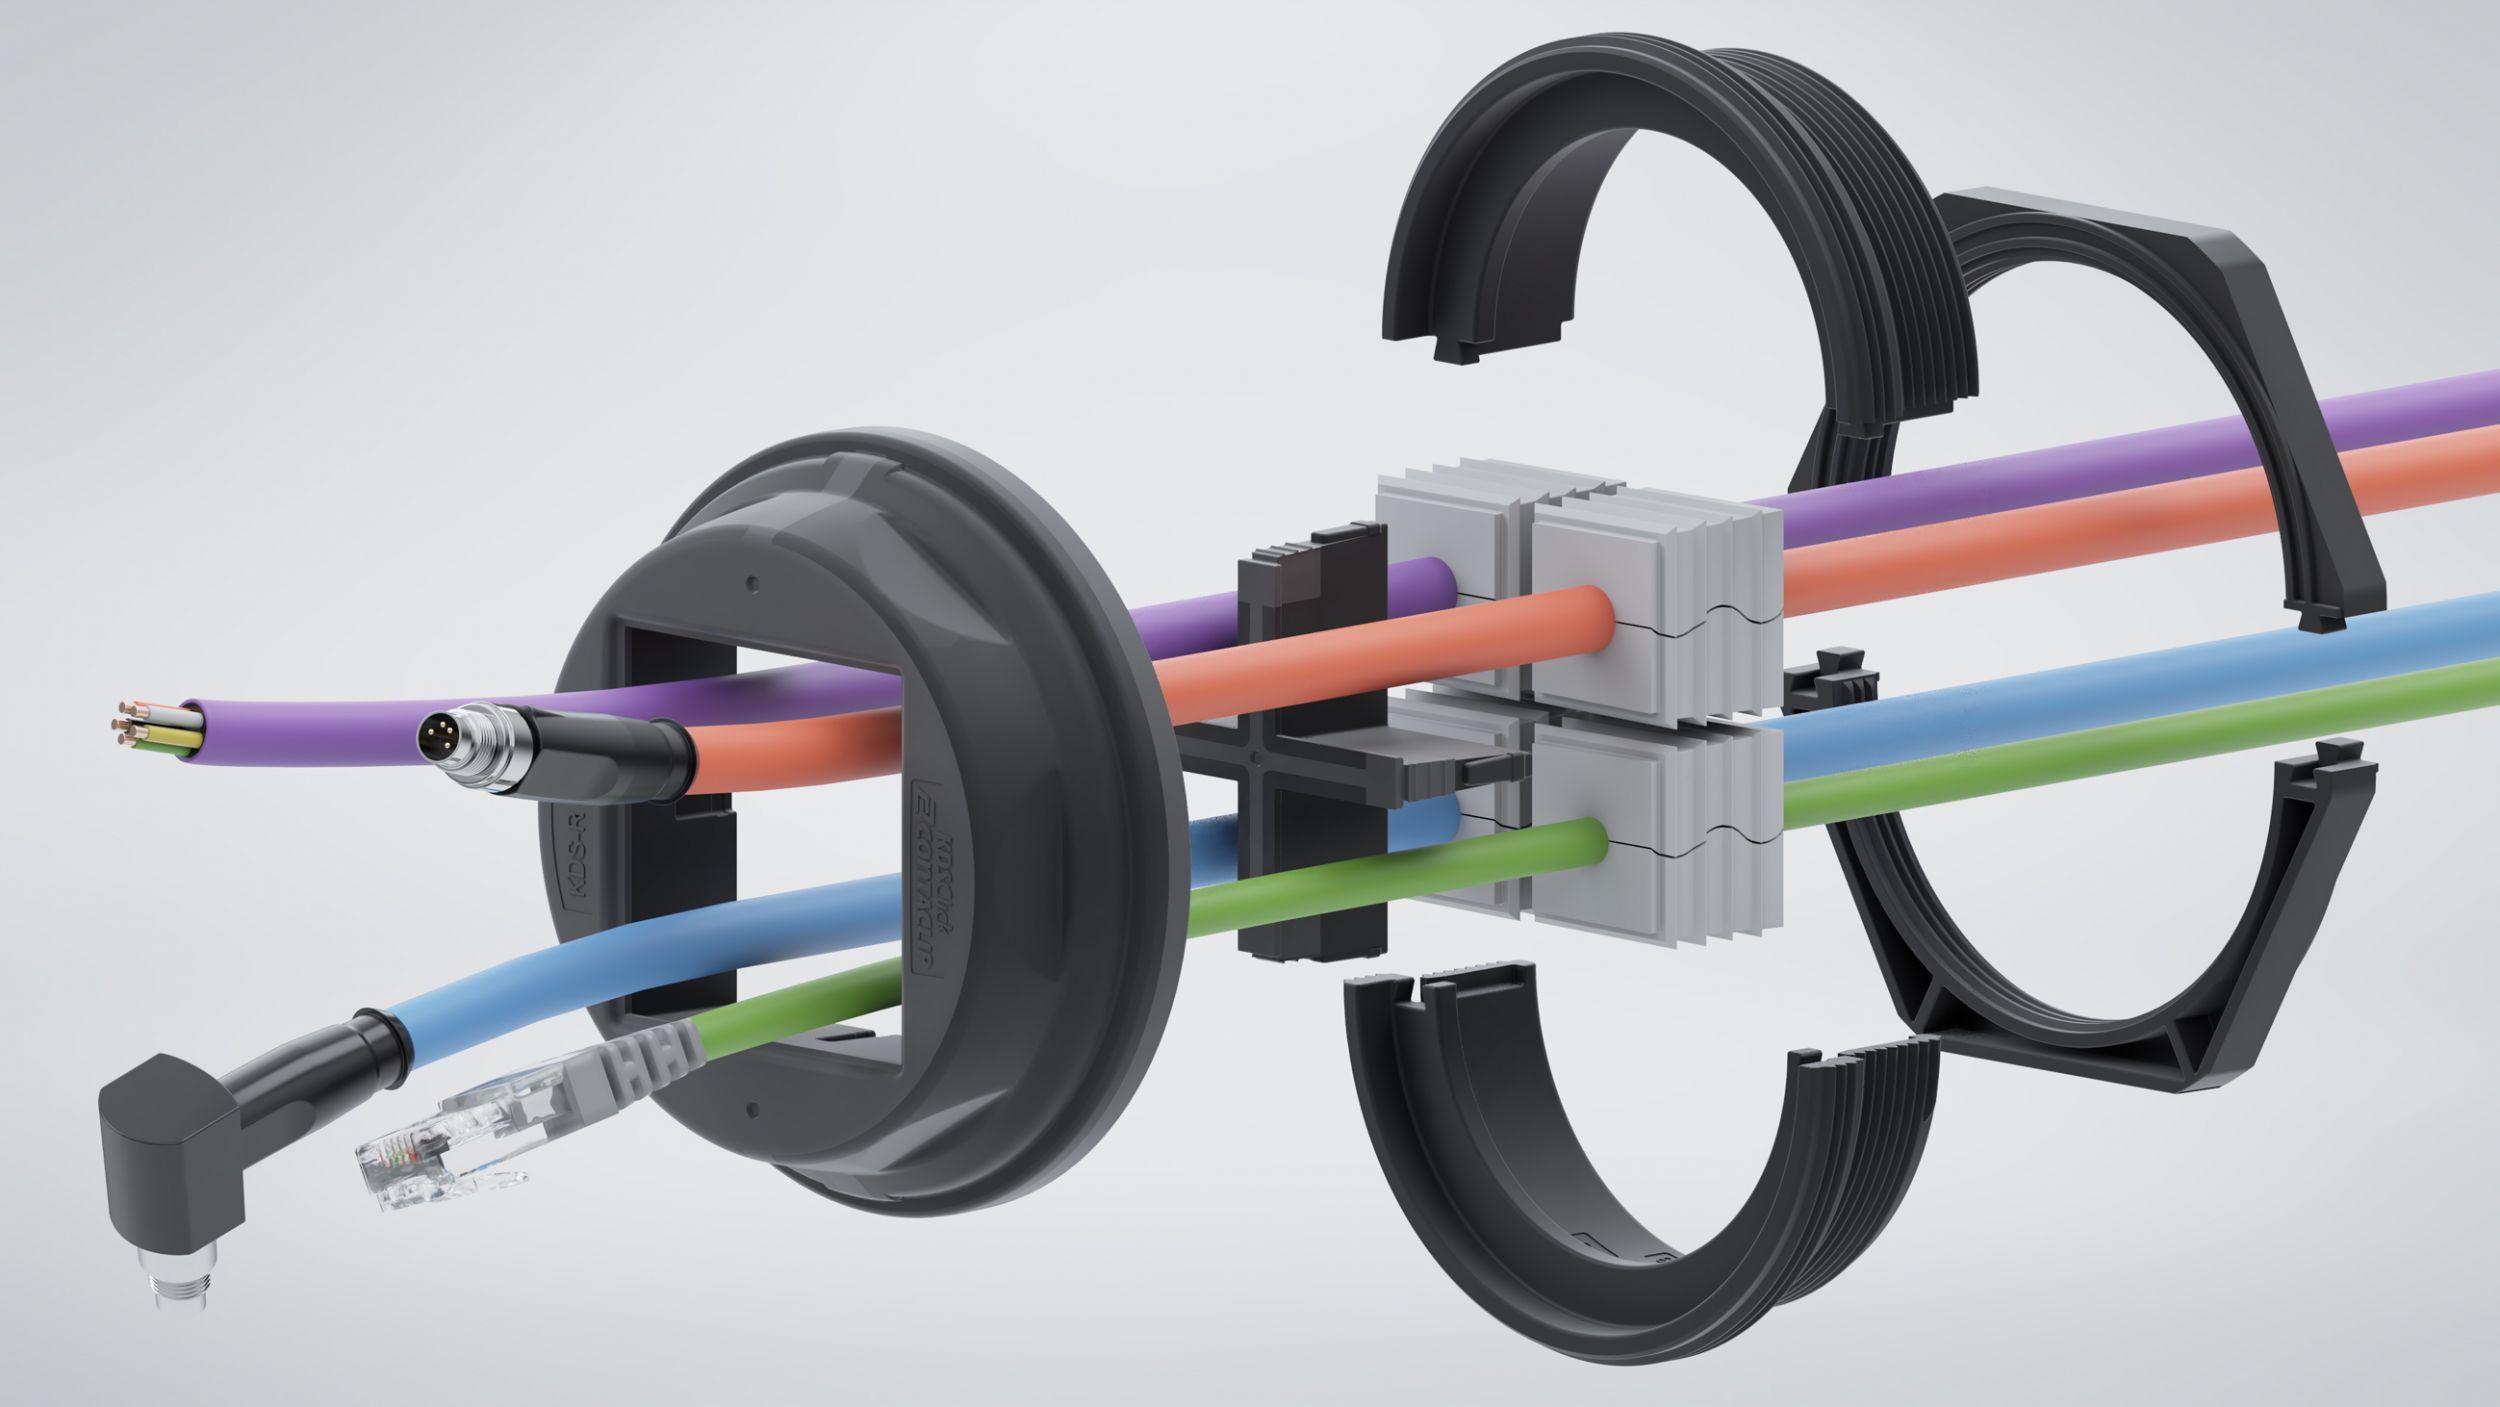 Variantenreiches, werkzeuglos montierbares Kabelmanagement-System für runde Durchführungen mit Schutzart IP66. GmbH)